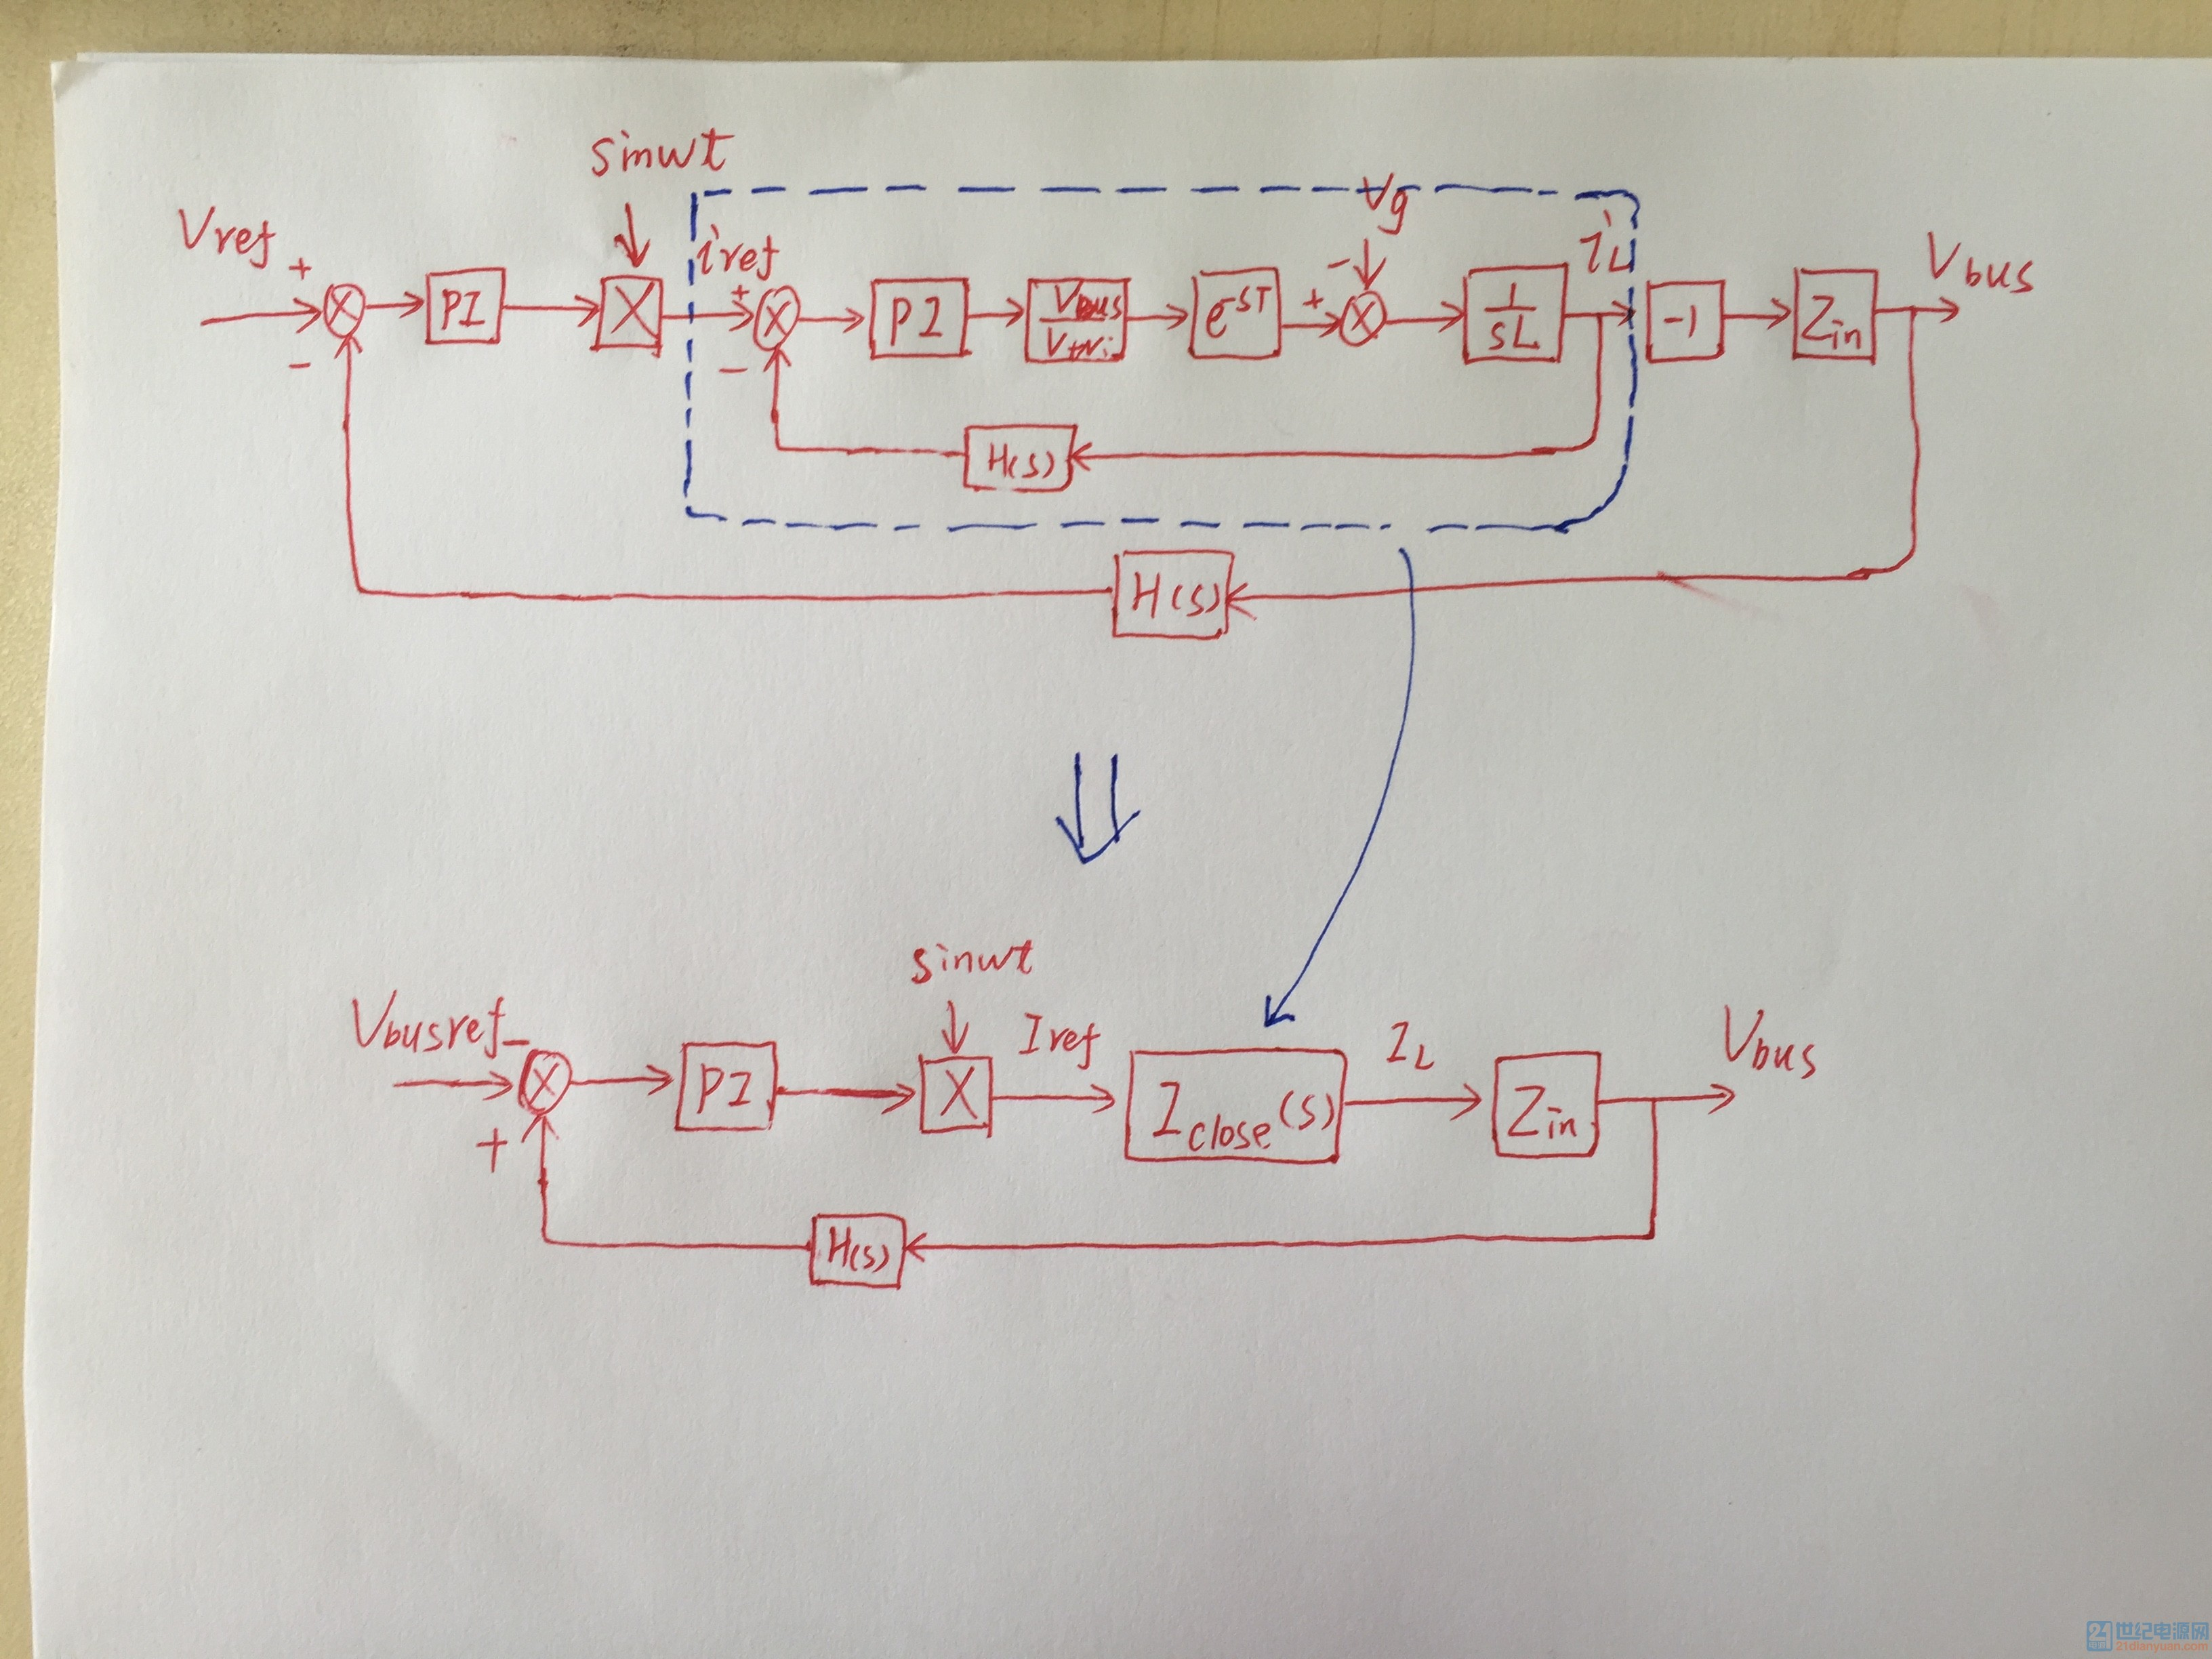 inverter级控制框图2.jpg